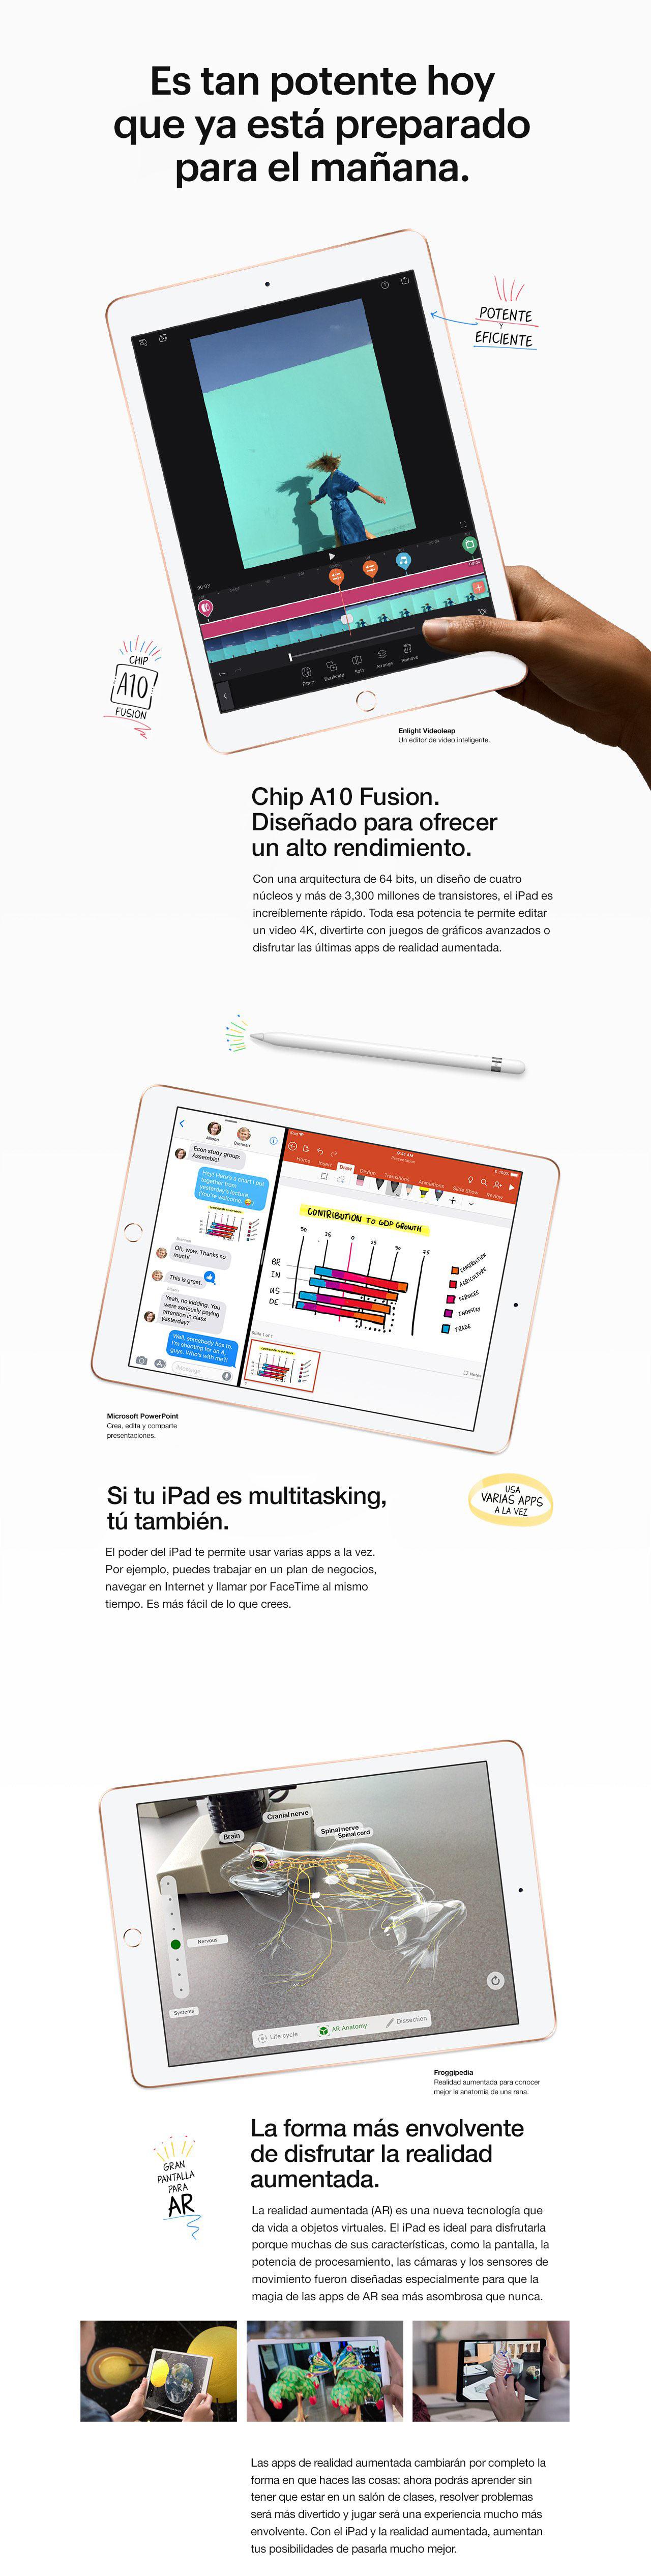 Es tan potente hoy que ya está preparado para el mañana. Chip A10 Fusion. Diseñado para ofrecer un alto rendimiento. Con una arquitectura de 64 bits. Diseño de cuatro núcleos. Más de 3.3 mil millones de transistores. Traducción: el iPad es increíblemente rápido. Toda esa potencia te permite editar un video 4K, divertirte con juegos de gráficos avanzados o disfrutar las últimas aplicaciones de realidad aumentada. Hace múltiples tareas con facilidad. Y tú también. El poder del iPad te permite usar varias varias aplicaciones a la vez. Por ejemplo, puedes trabajar en un plan de negocios, navegar en Internet y llamar por FaceTime a un colega al mismo tiempo. Es más fácil de lo que parece. La forma más envolvente de disfrutar la realidad aumentada. La realidad aumentada (AR) es una nueva tecnología que da vida a objetos virtuales. El iPad es ideal para disfrutarlo, porque muchas de sus características, como la pantalla, la potencia de procesamiento, las cámaras y los sensores de movimiento, fueron diseñadas especialmente para que la magia de las aplicaciones AR sea más asombrosa que nunca. Las aplicaciones de realidad aumentada cambiarán por completo la forma en que haces las cosas. Ahora podrás aprender sin tener que estar en un salón de clases. Resuelve los problema diarios. Sumergirte en entretenimiento y juegos. Con el iPad y la realidad aumentada, aumentan tus posibilidades de pasarla mucho mejor.